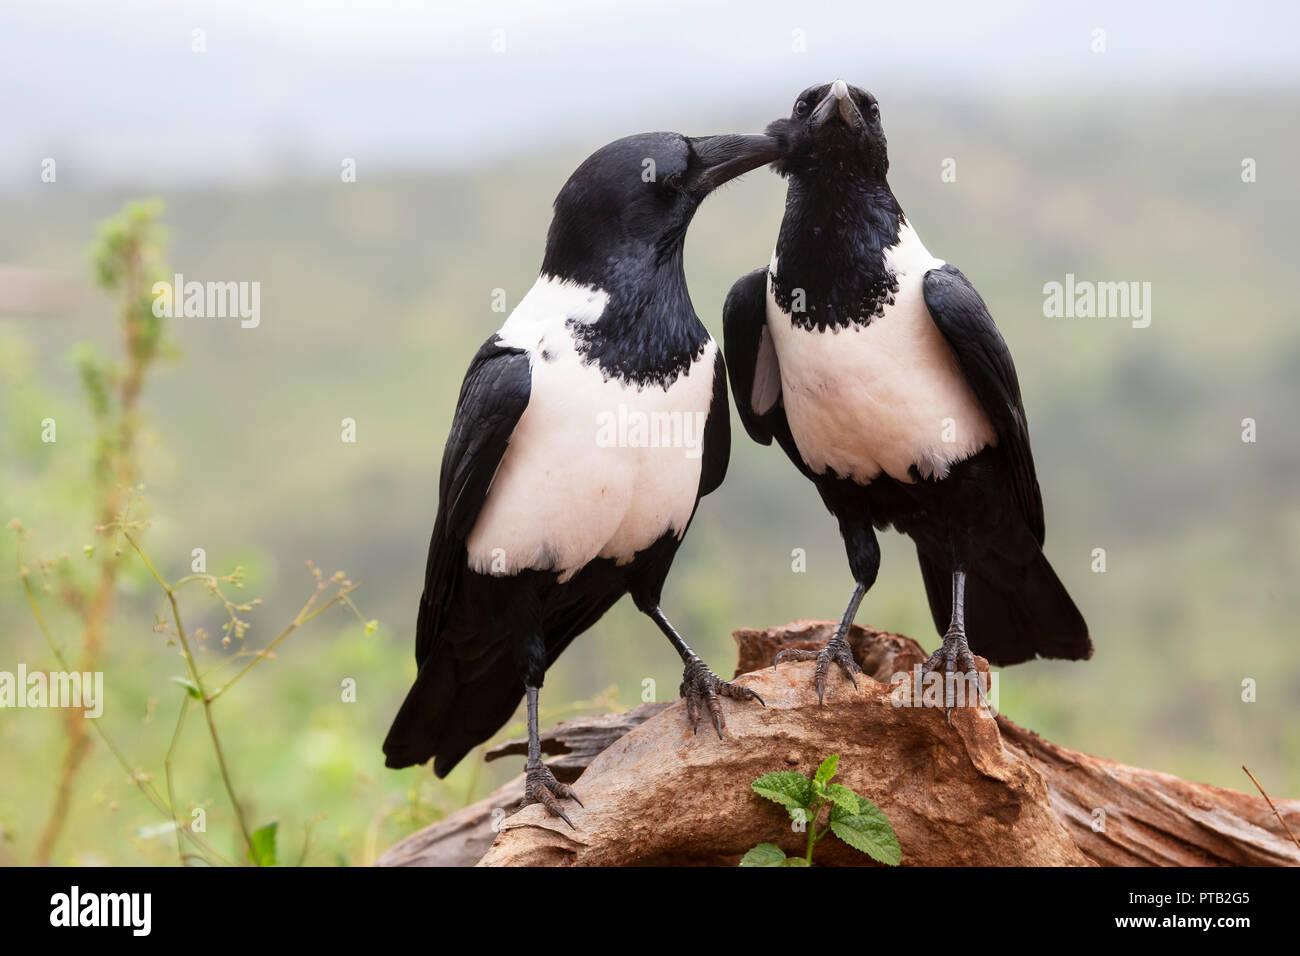 Ein paar der Südafrikanischen Pied Krähen Corvus Albus in der gegenseitigen Gefiederpflege engagiert und stehen auf einem Holz- zweig Stockbild